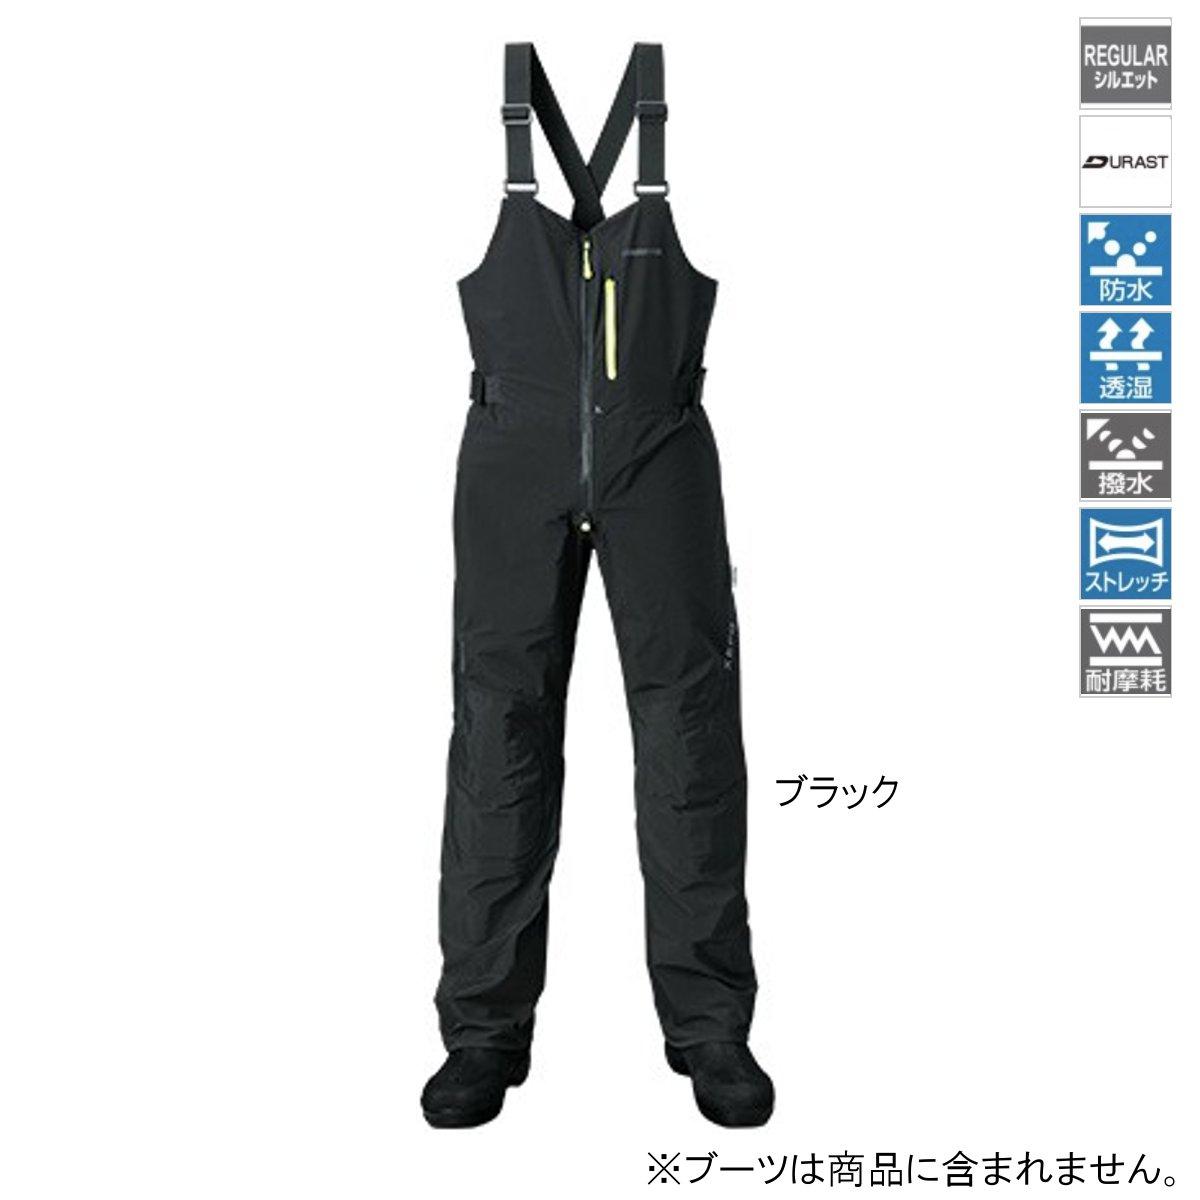 シマノ XEFO・DURASTレインビブ RA-26PS M ブラック